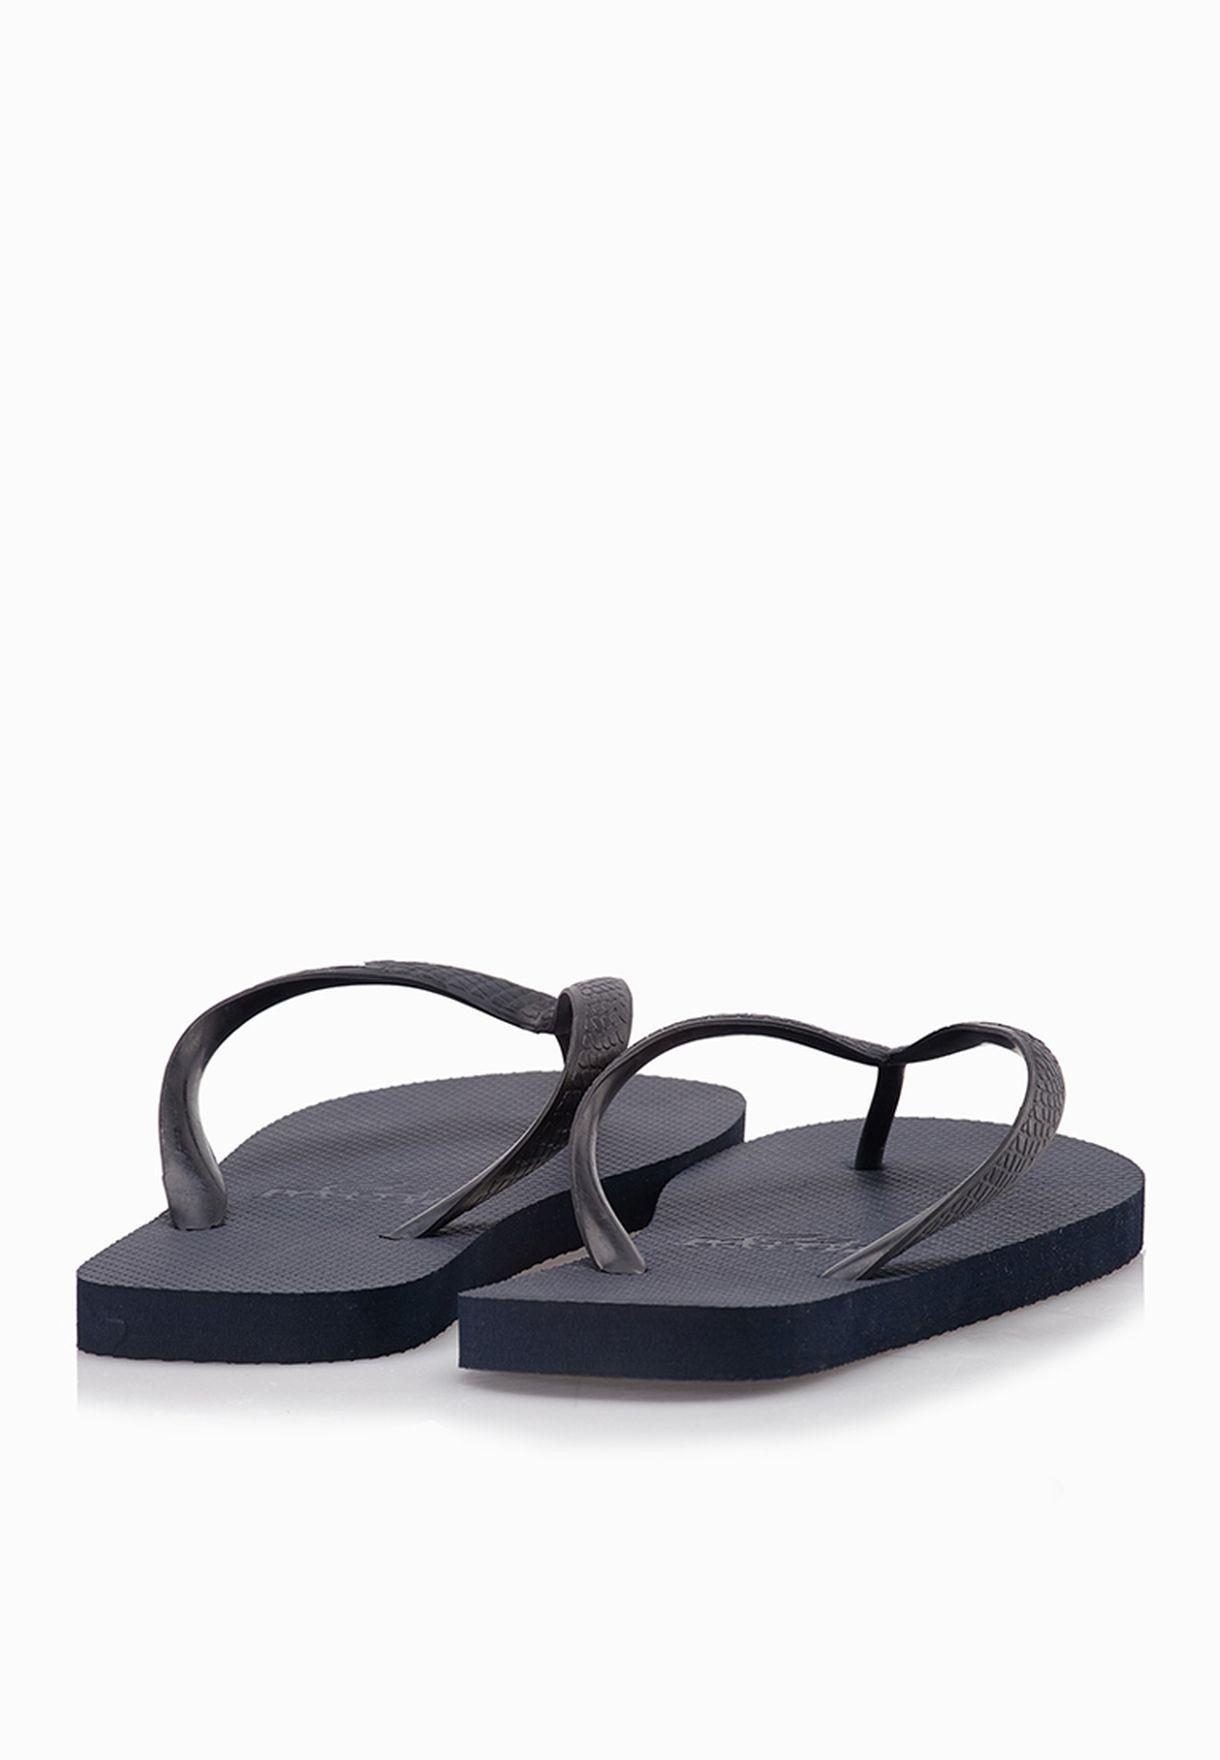 7a28c7b19ee1 Shop Lacoste blue Barona NTE Flip Flops 29SPM0062-1Z2 for Men in ...